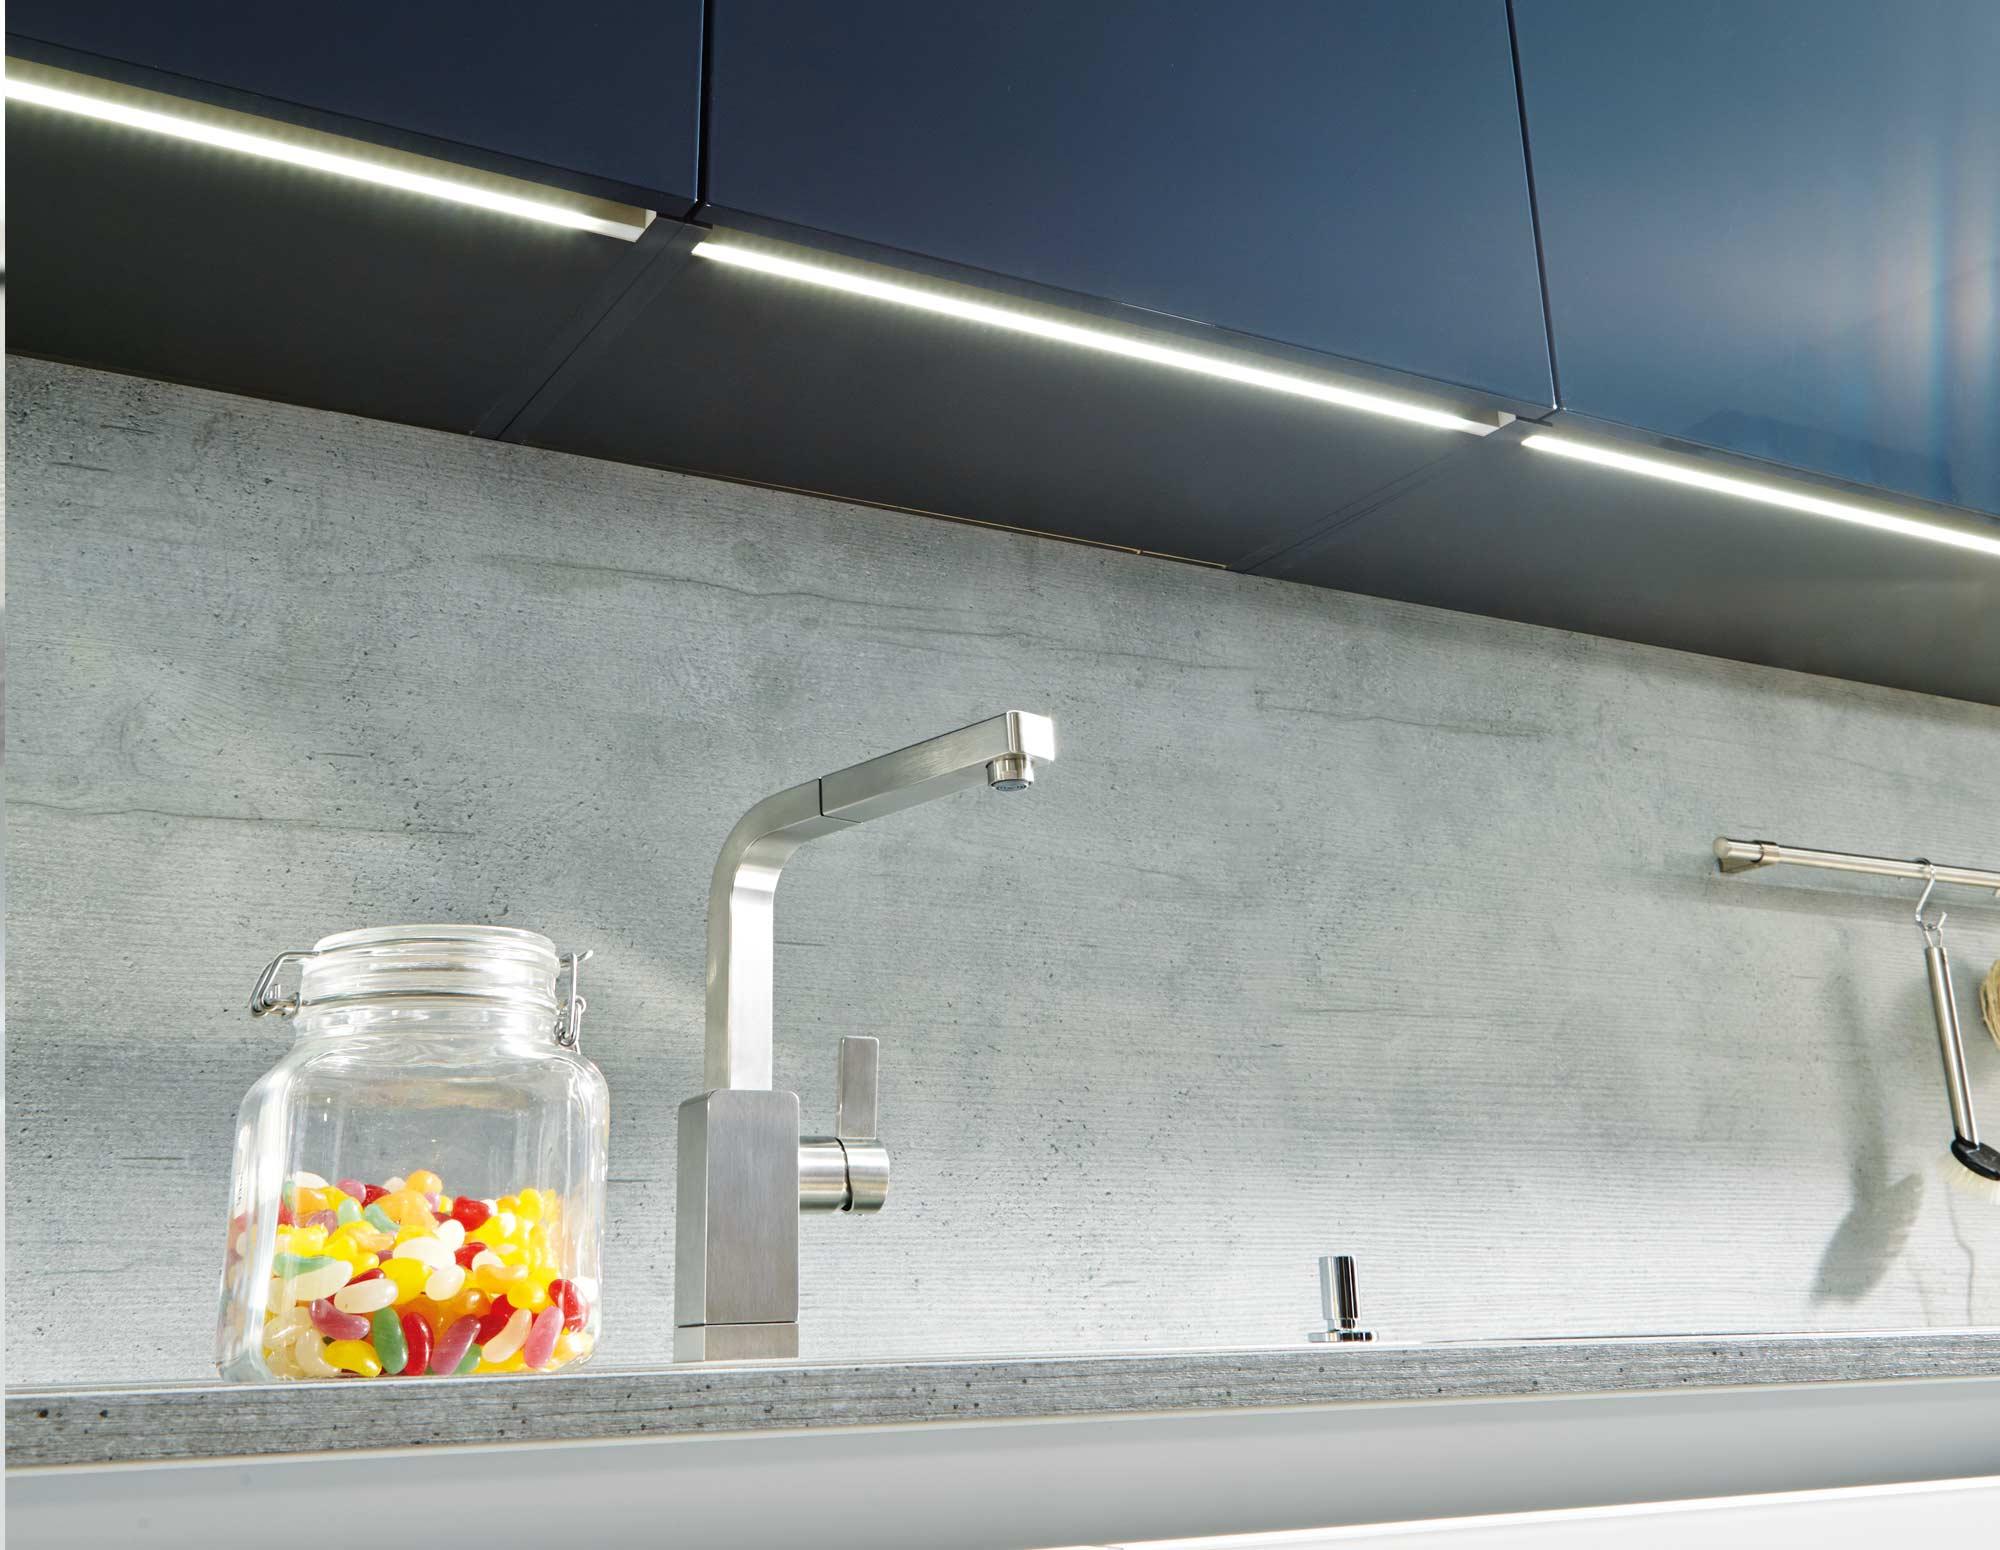 Full Size of Küchen Hängeschrank Glas Schller Wohnkche Glasline Wei Im Schlichten Design Jetzt Glastrennwand Dusche Glaswand Badezimmer Küche Wandpaneel Glastüren Wohnzimmer Küchen Hängeschrank Glas